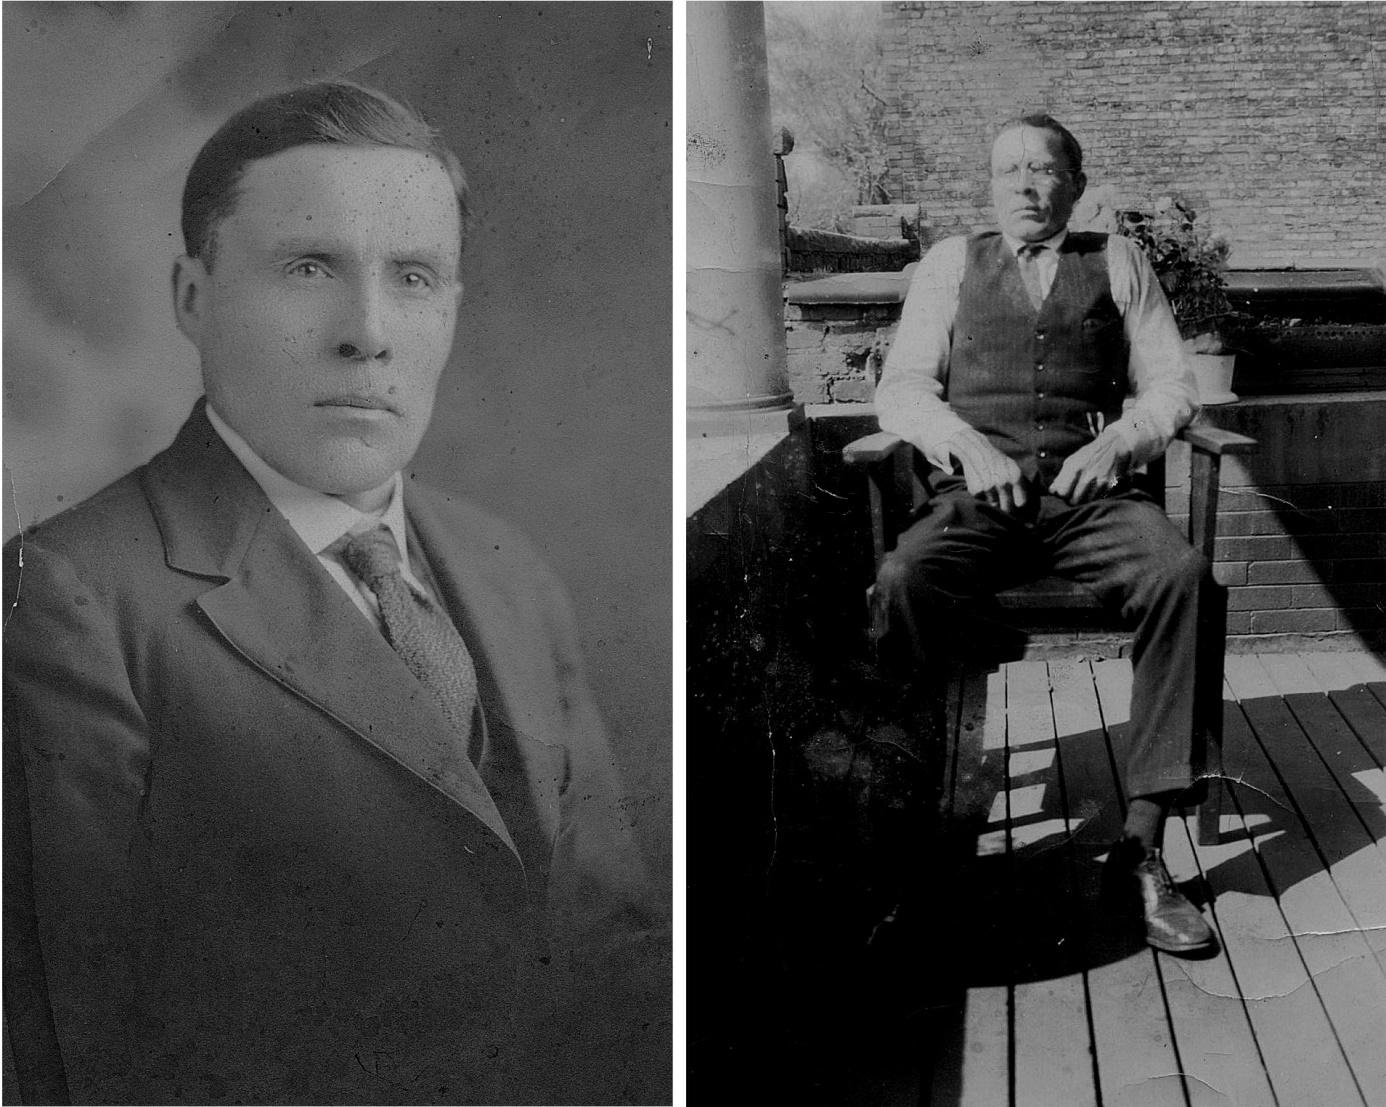 Erik Anders Broberg vistades i Amerika under åren 1905-1912 och sedan for han på nytt 1917. Han återvände till Dagsmark och han var gift 4 gånger.